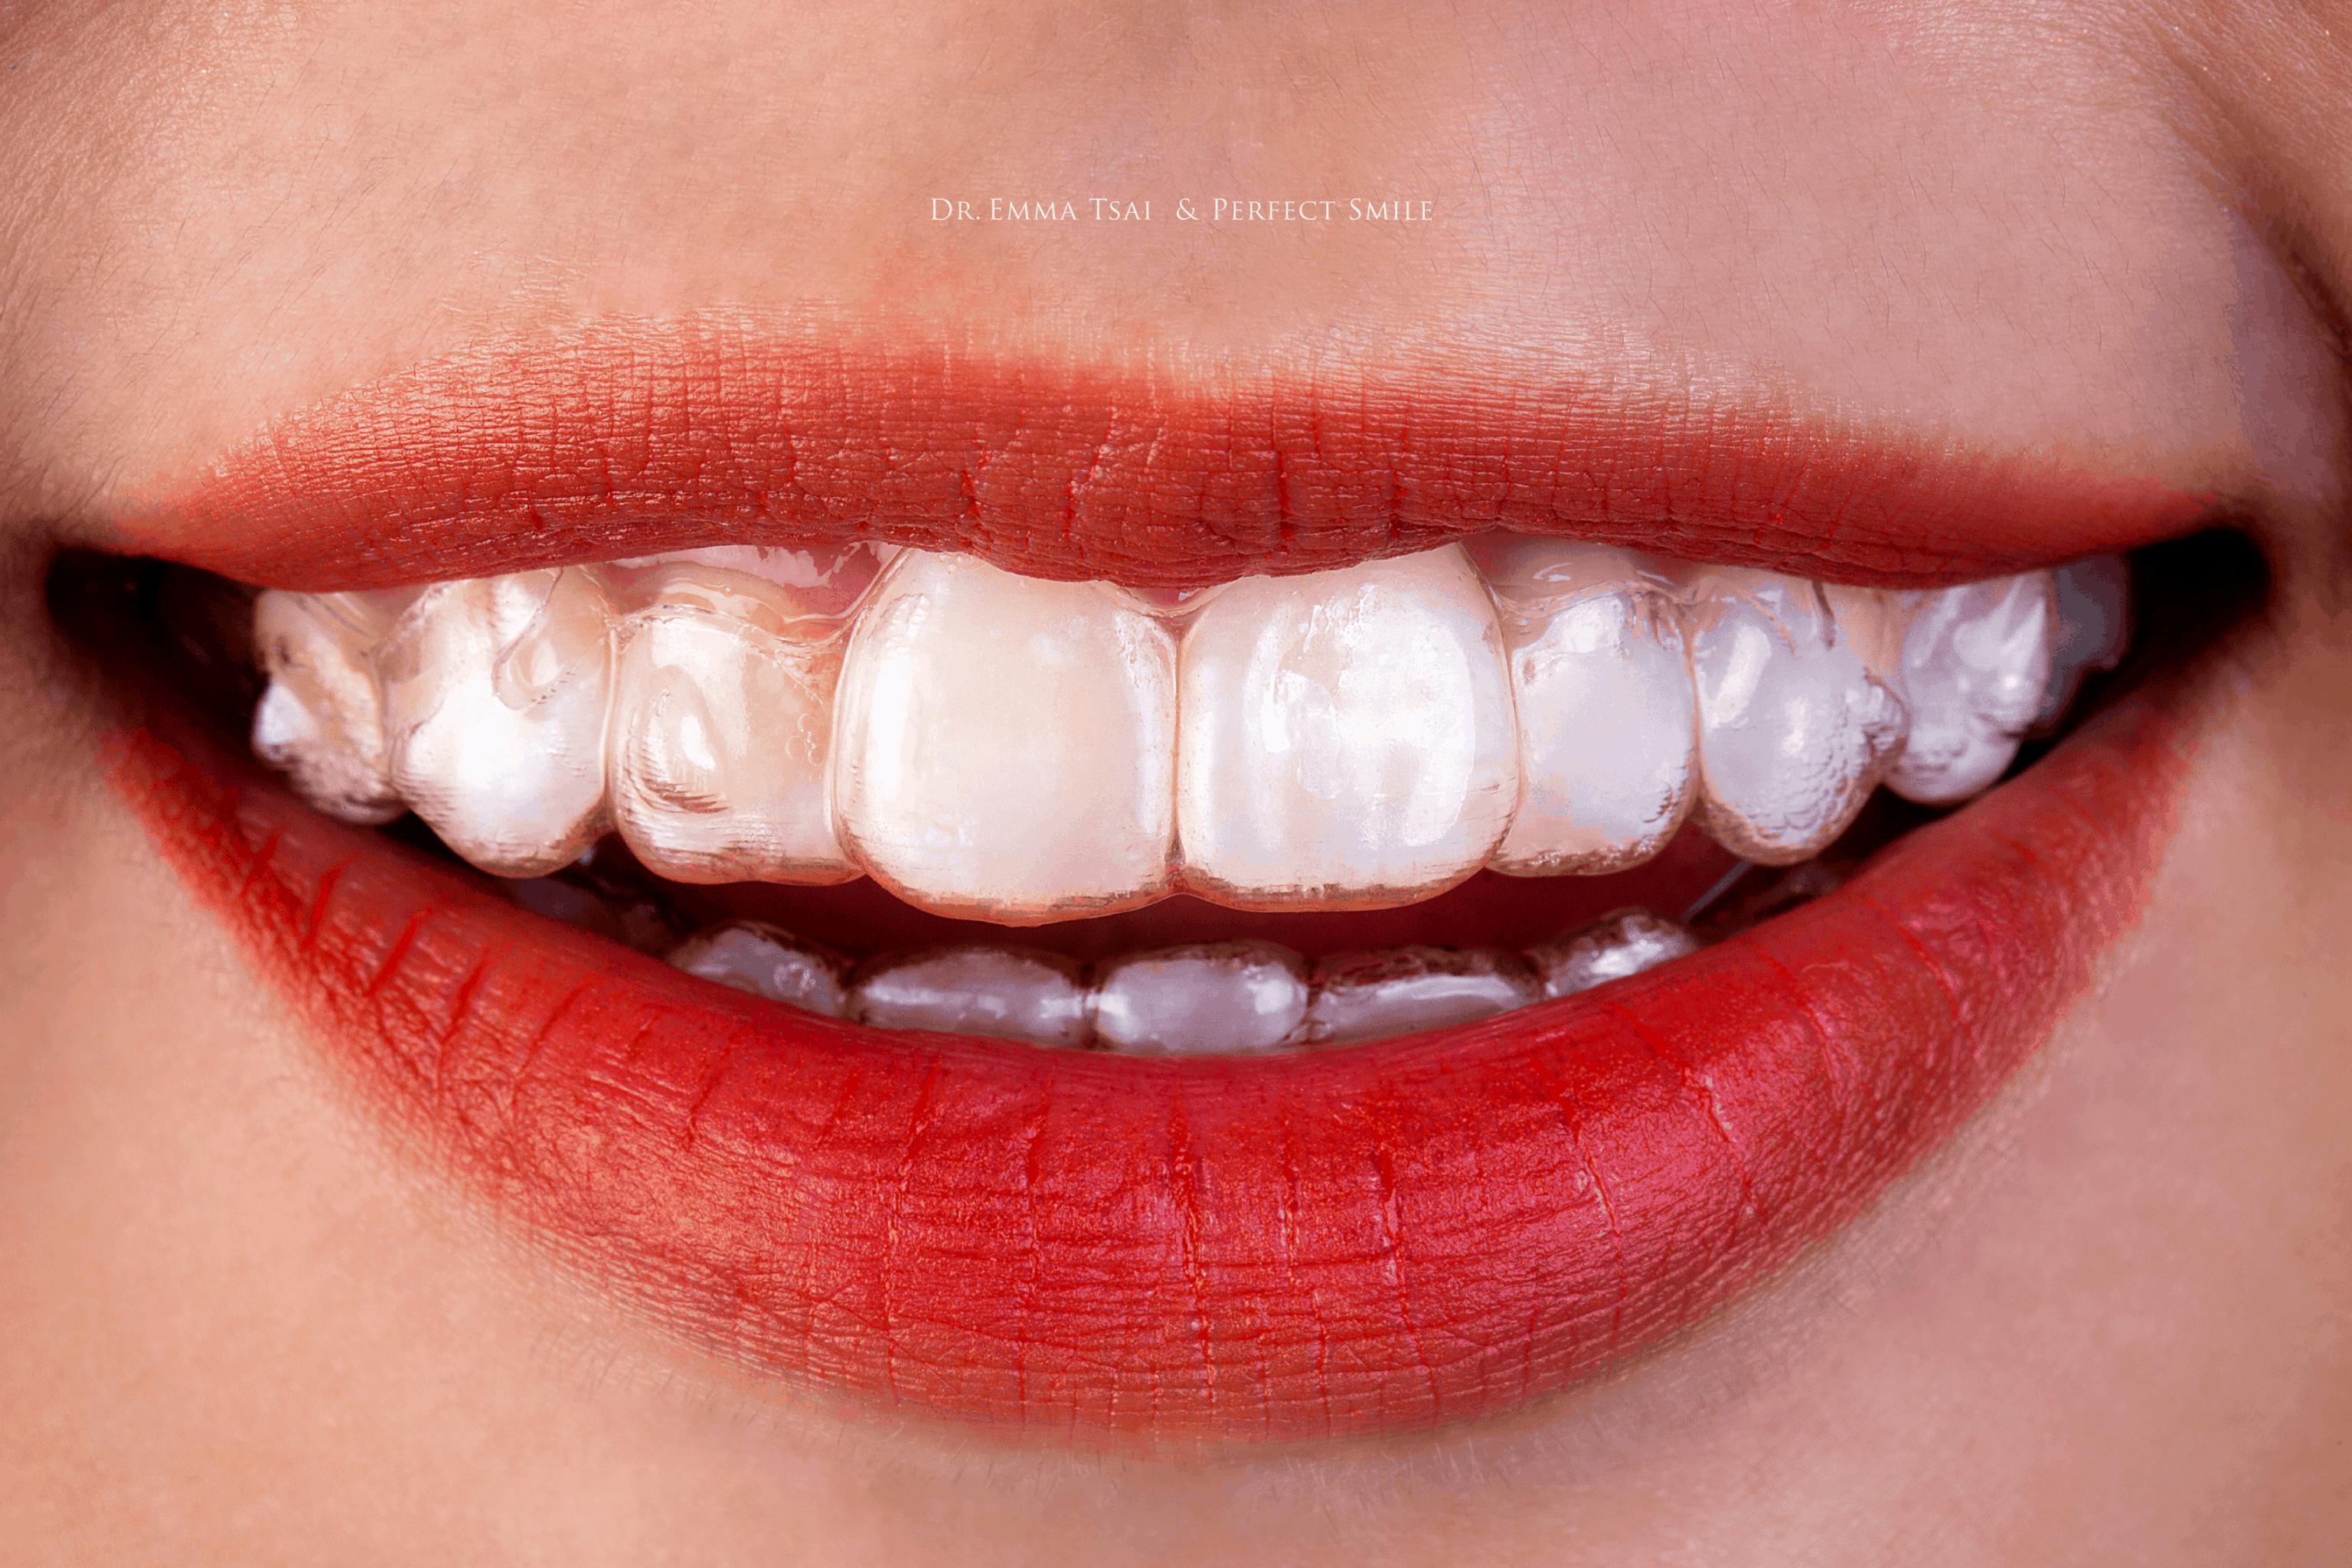 透明牙套近乎隱形不影響外觀